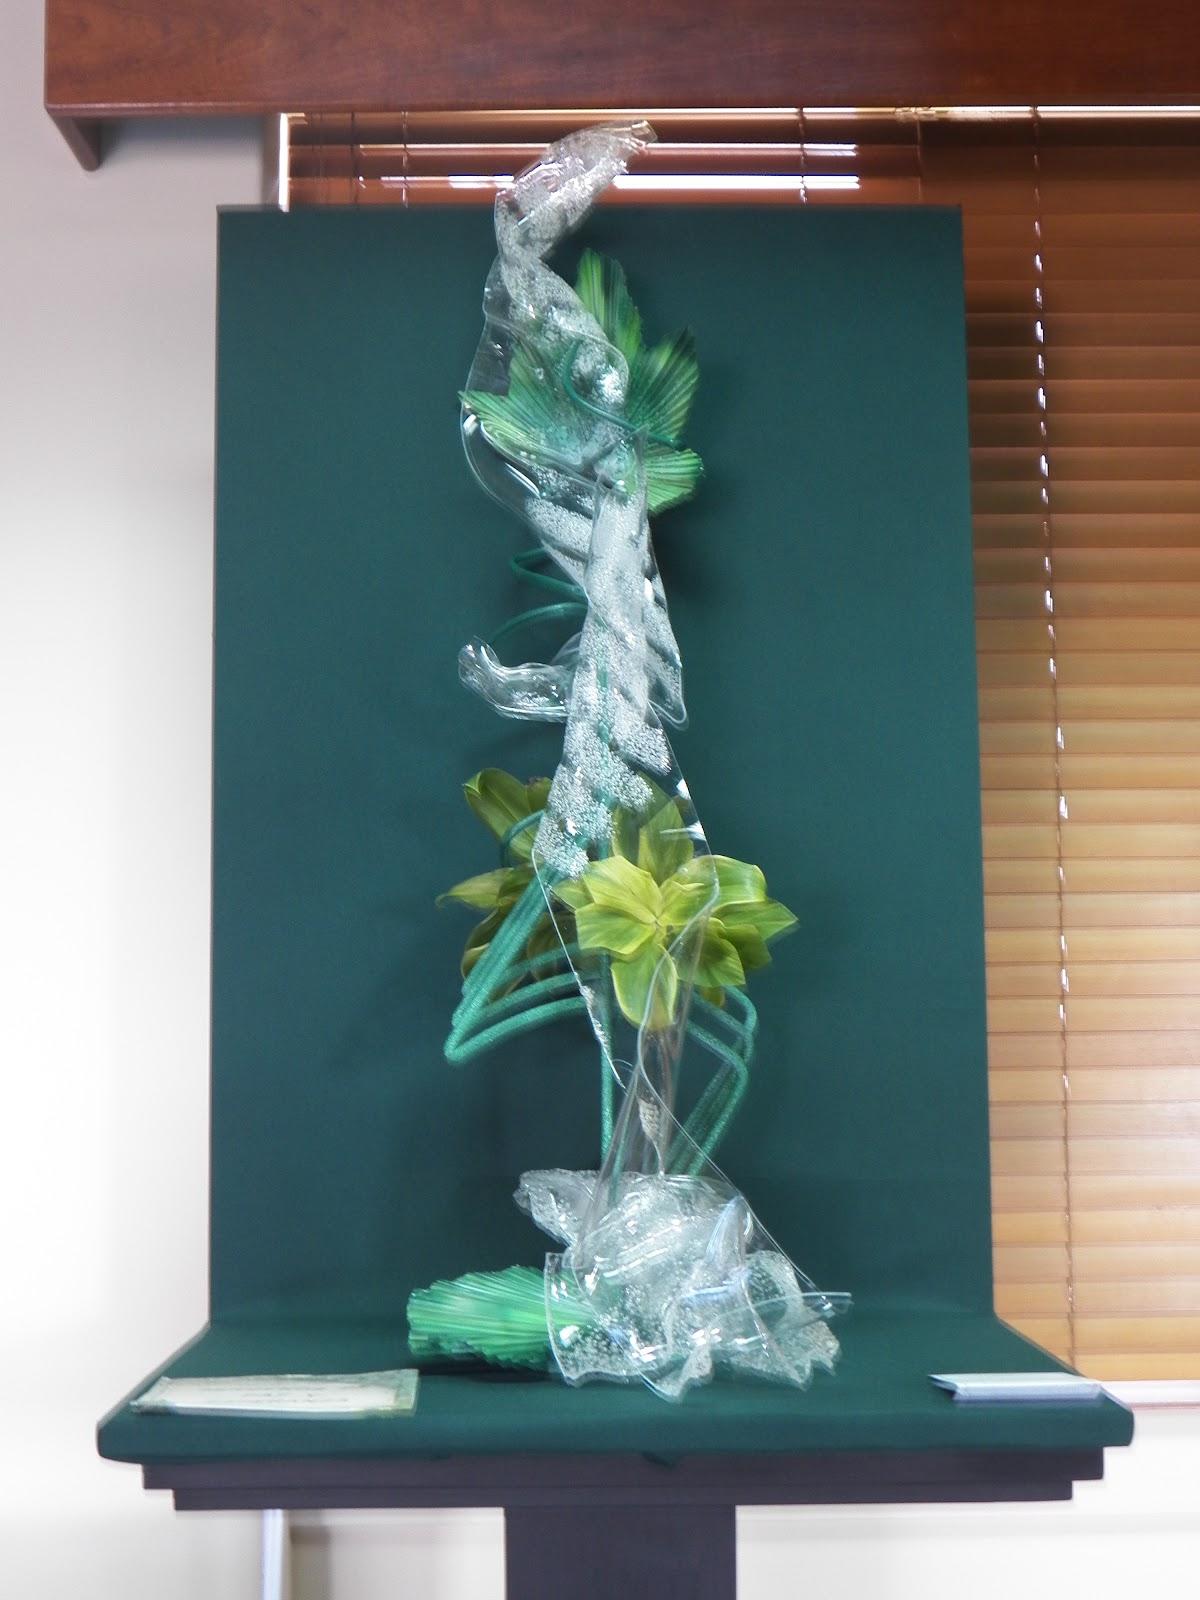 Arreglos florales creativos dise o transparente - Arreglos florales creativos ...